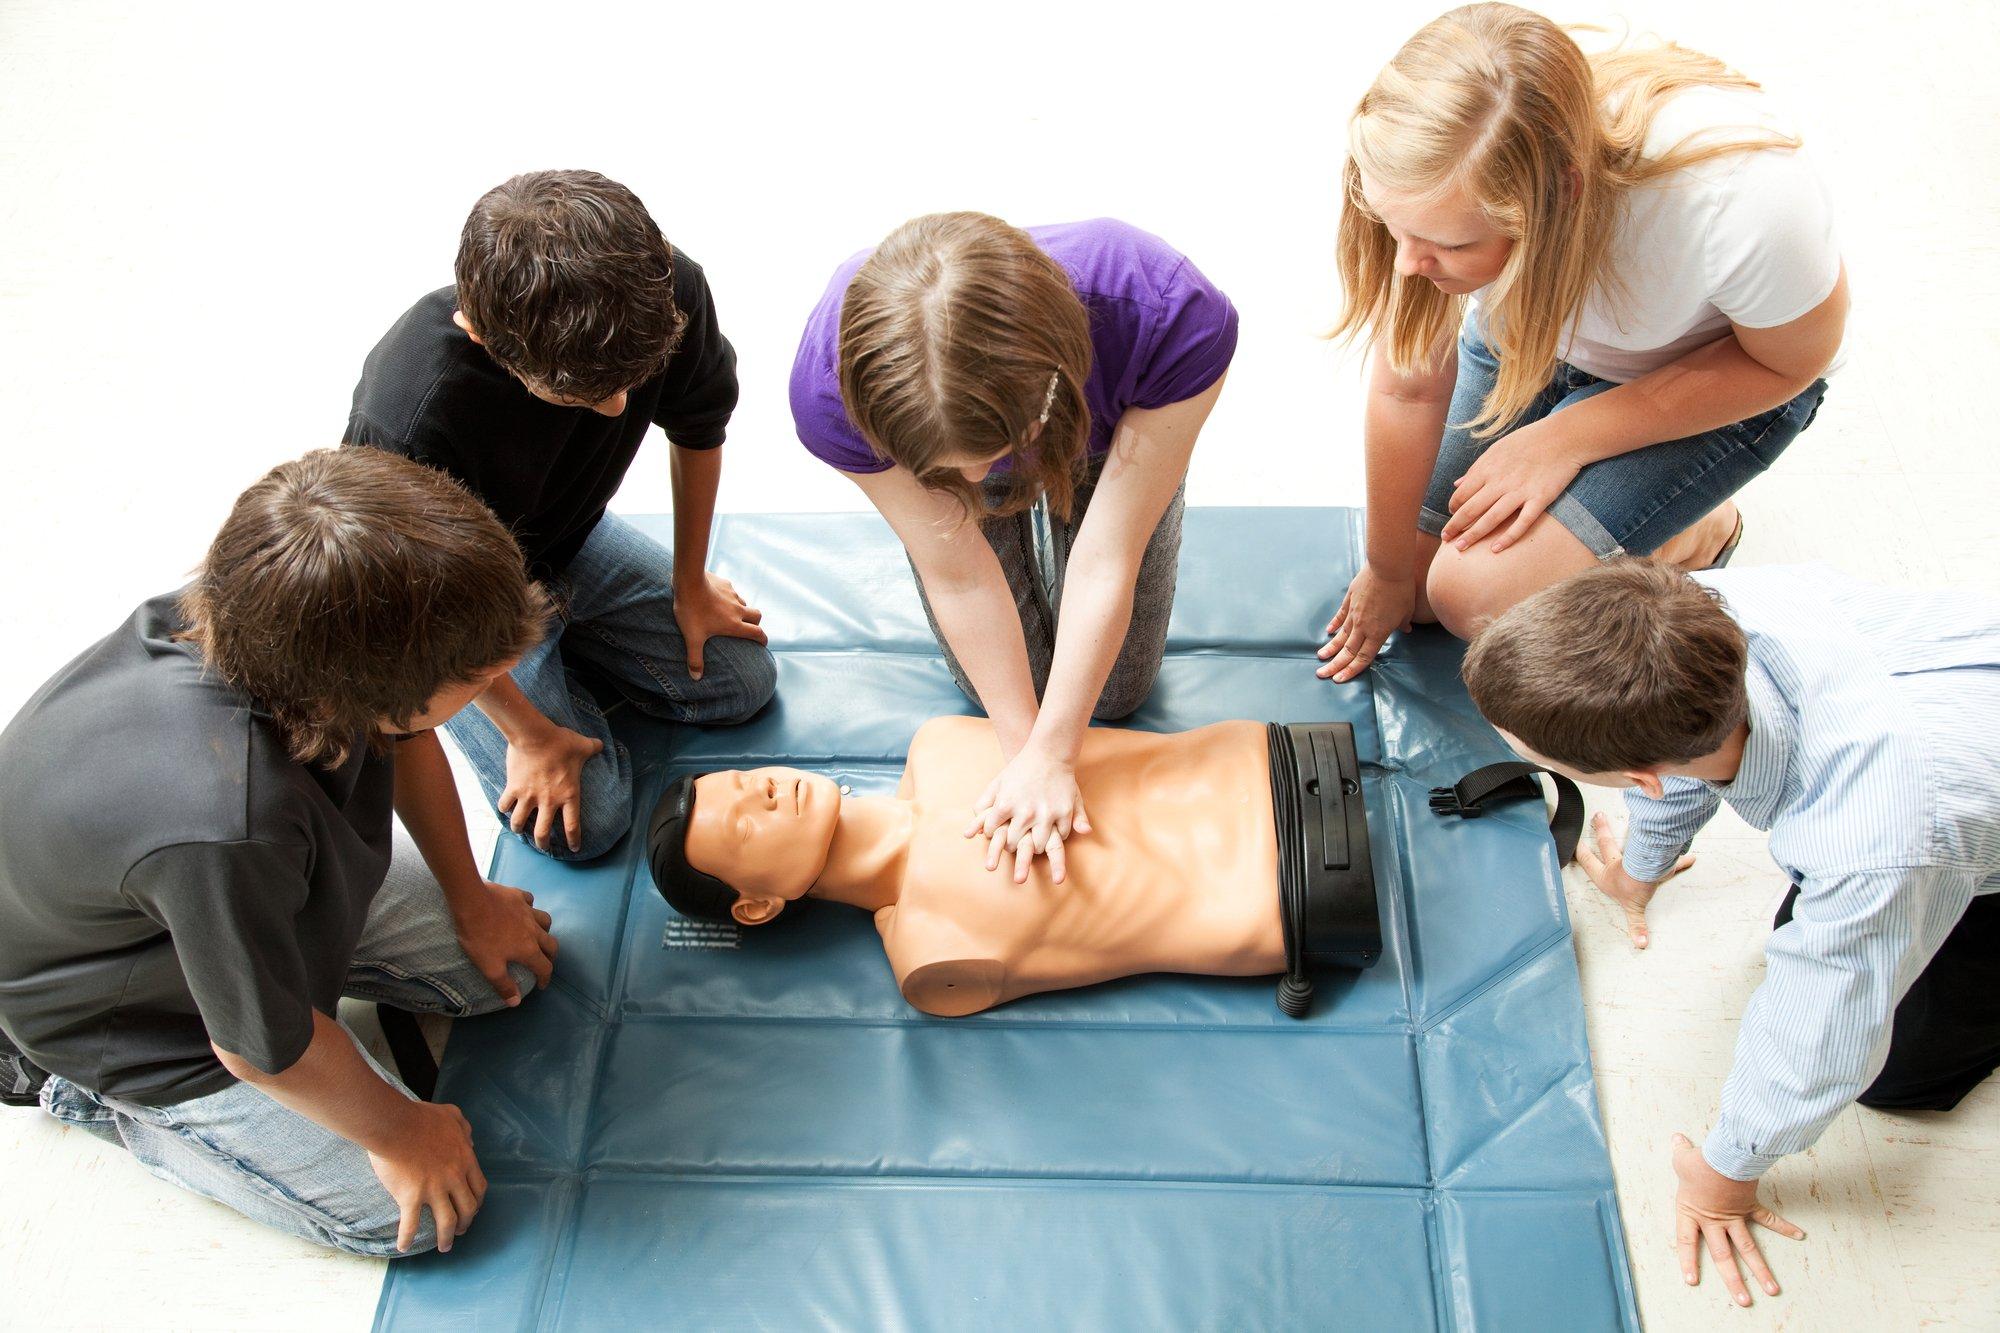 depositphotos 7314829 l 2015.jpg?resize=636,358 - Tous les élèves de troisième vont être formés aux gestes de premiers secours d'ici 2022.